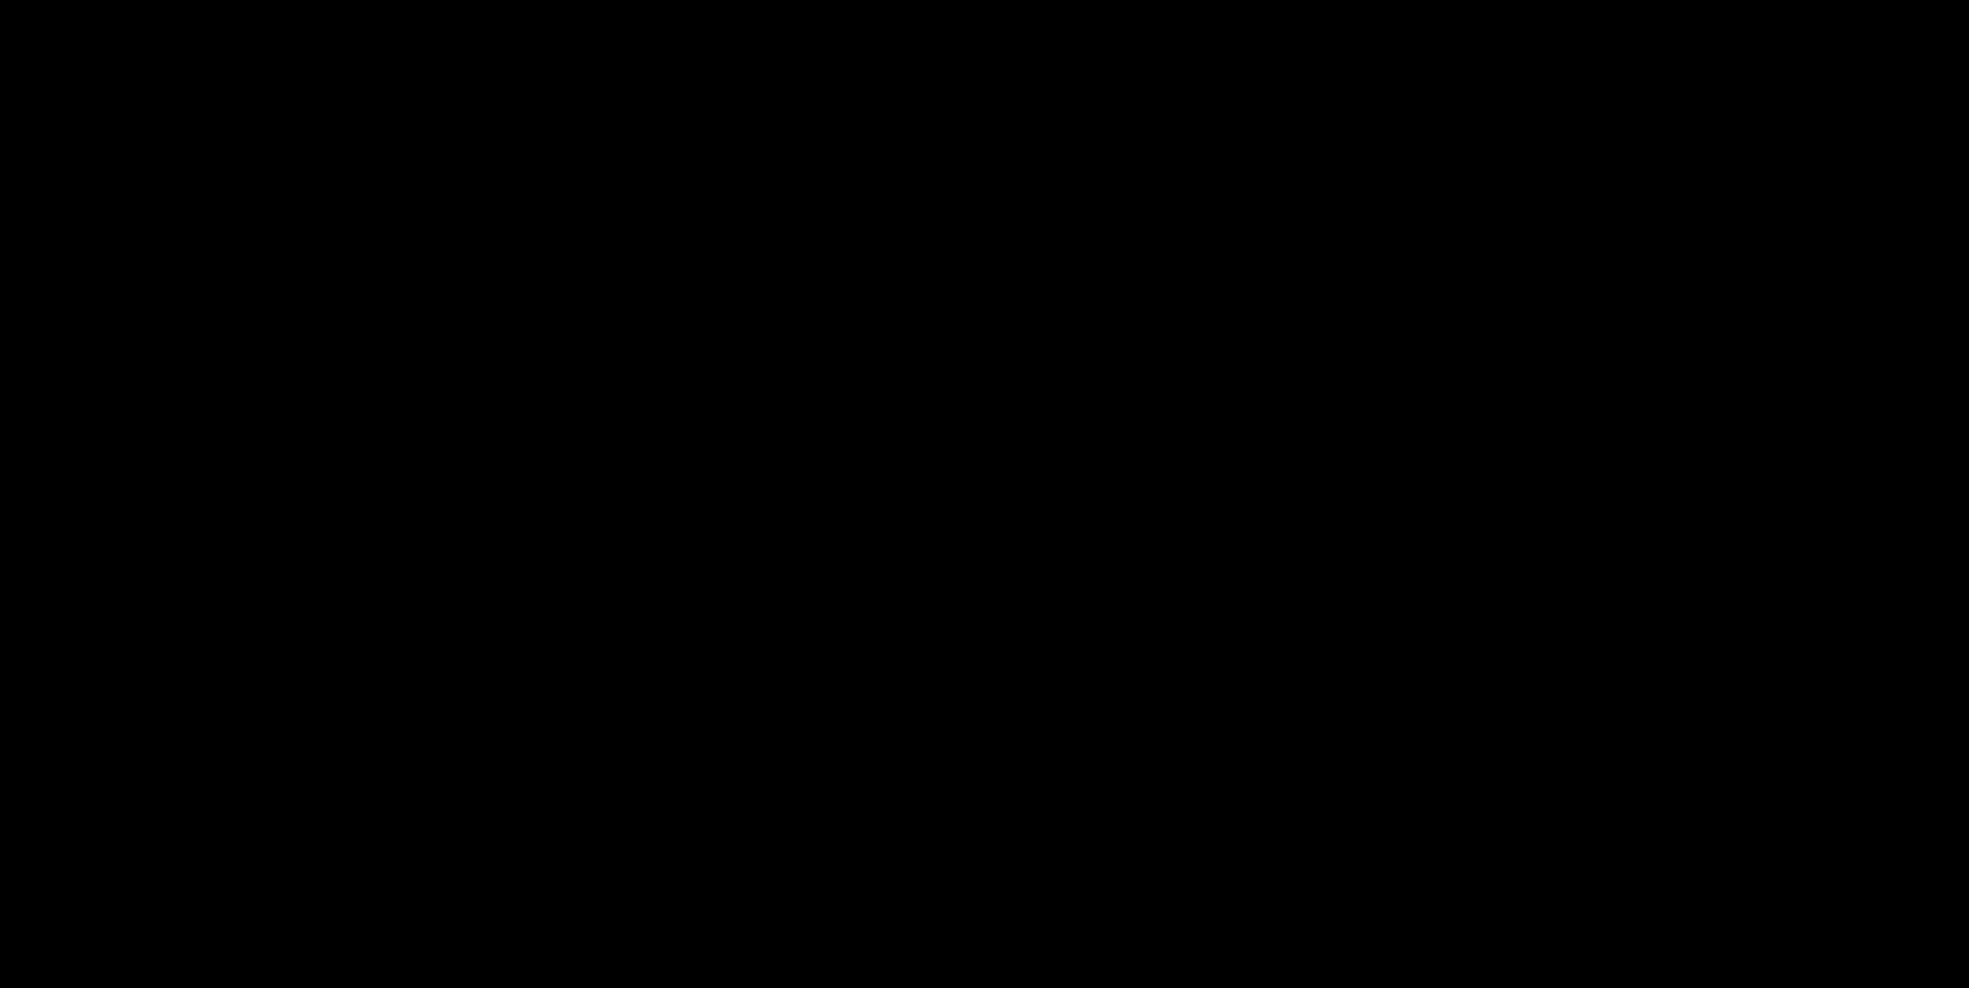 Esemtu